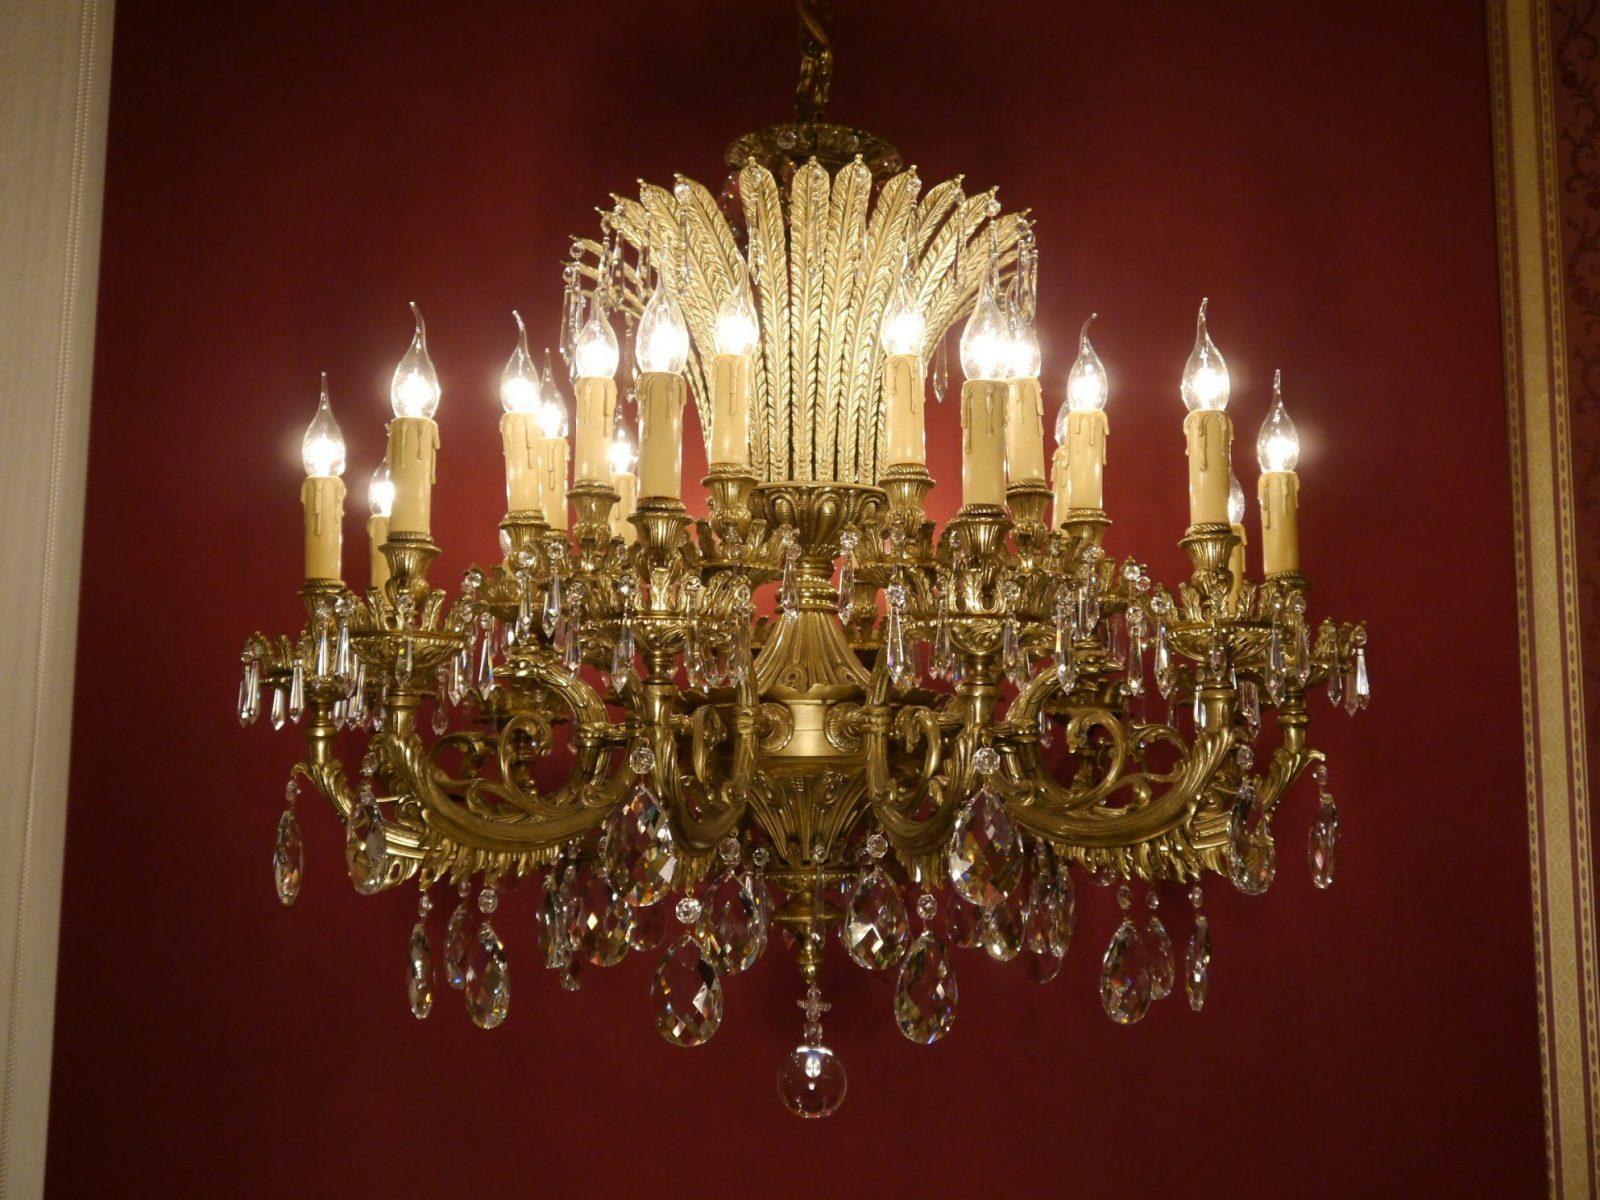 Kristall Kronleuchter Antik  Die Schönsten Einrichtungsideen von Kronleuchter Antik Günstig Gebraucht Bild